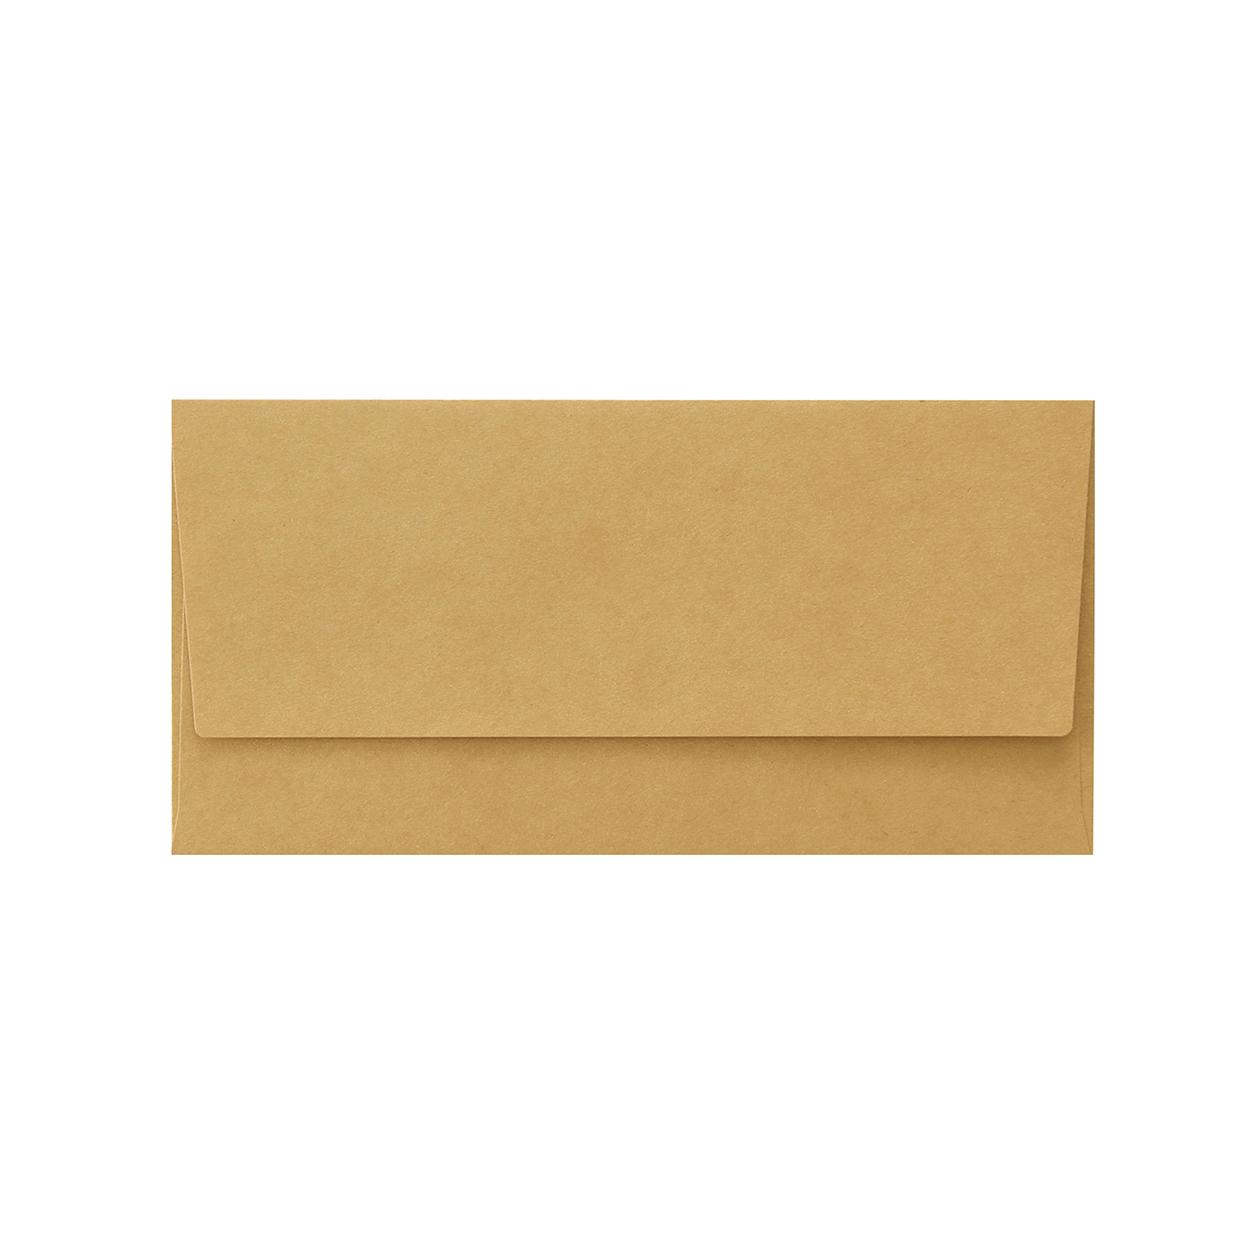 商品券袋 クラシッククラフトゴールド 107.5g